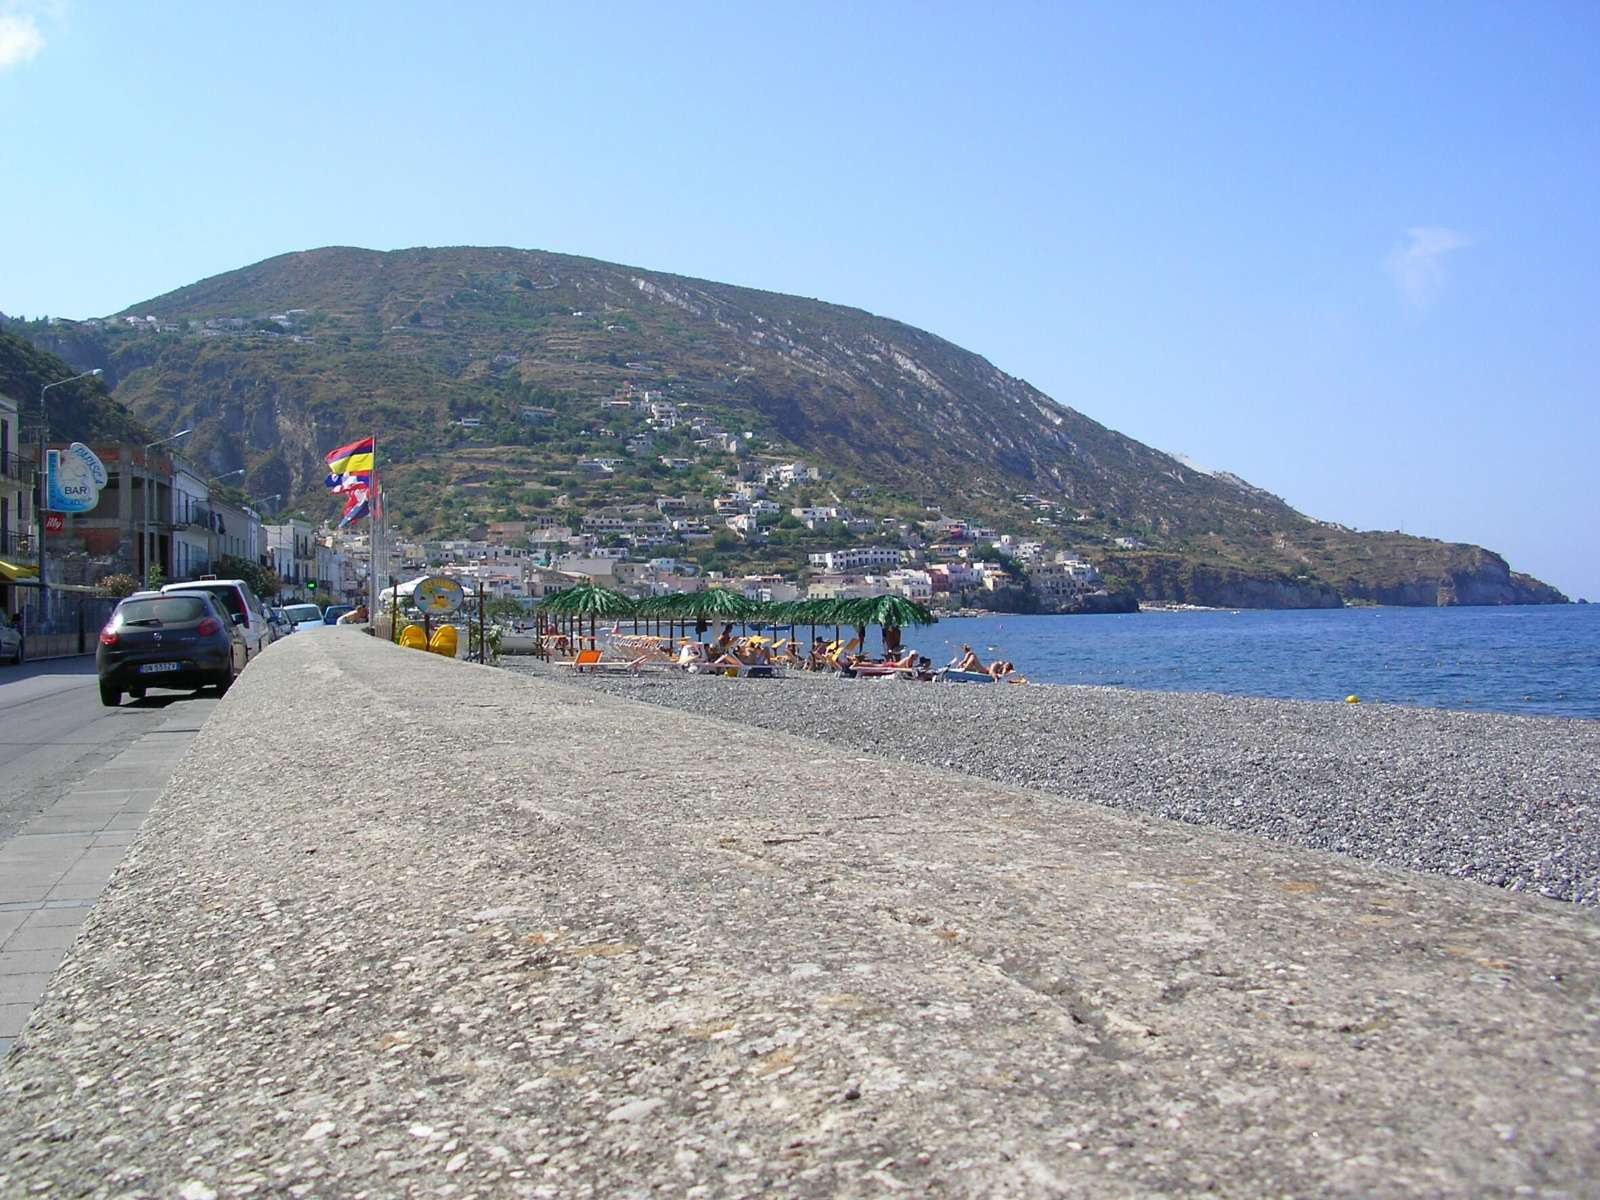 La plage de Canneto